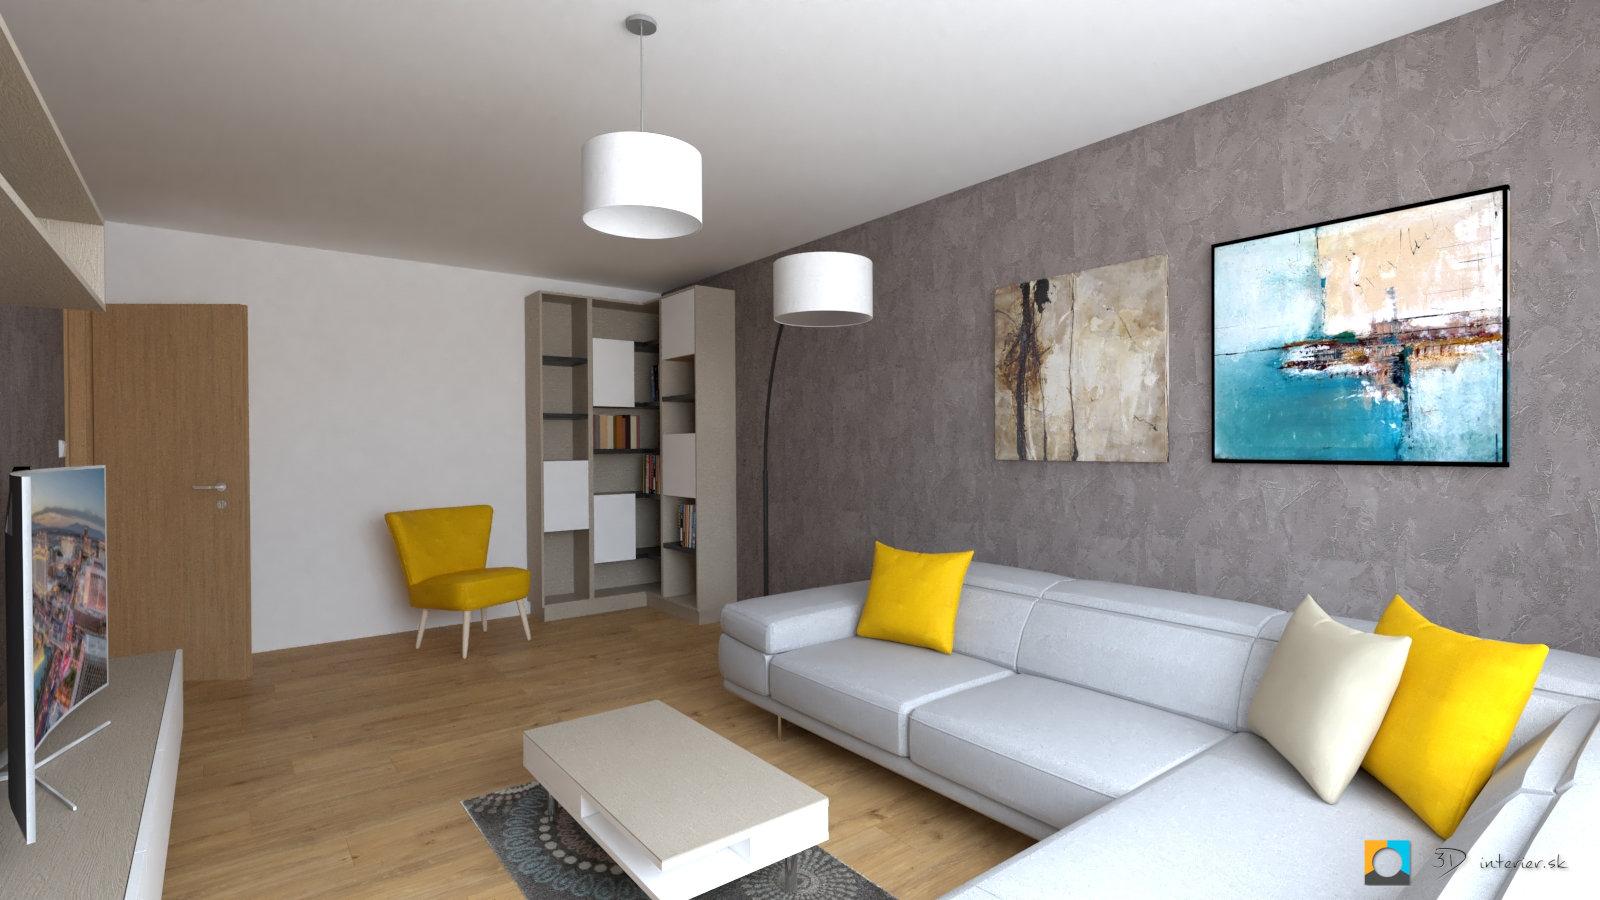 Návrh bytu – obývačka, kuchyňa a kúpeľňa